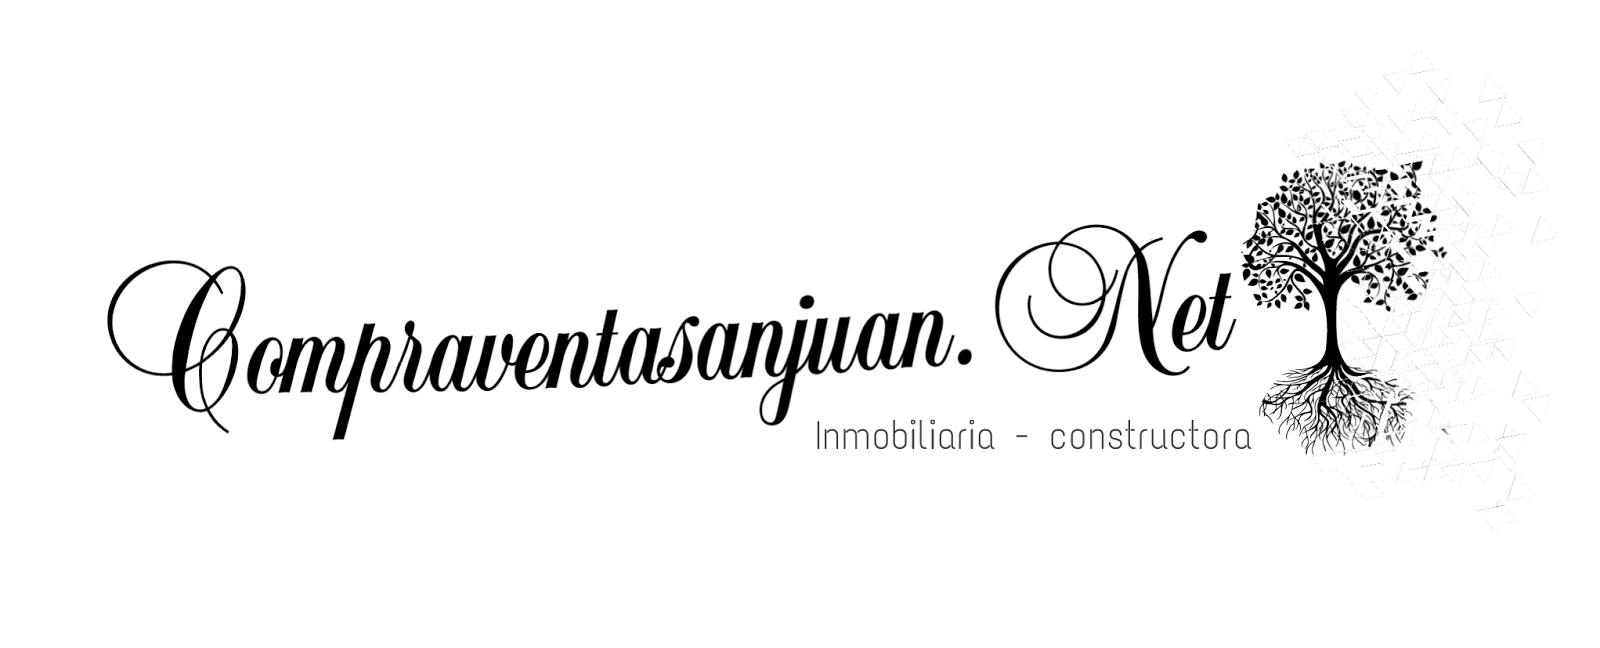 CVSJ.Net  Arq